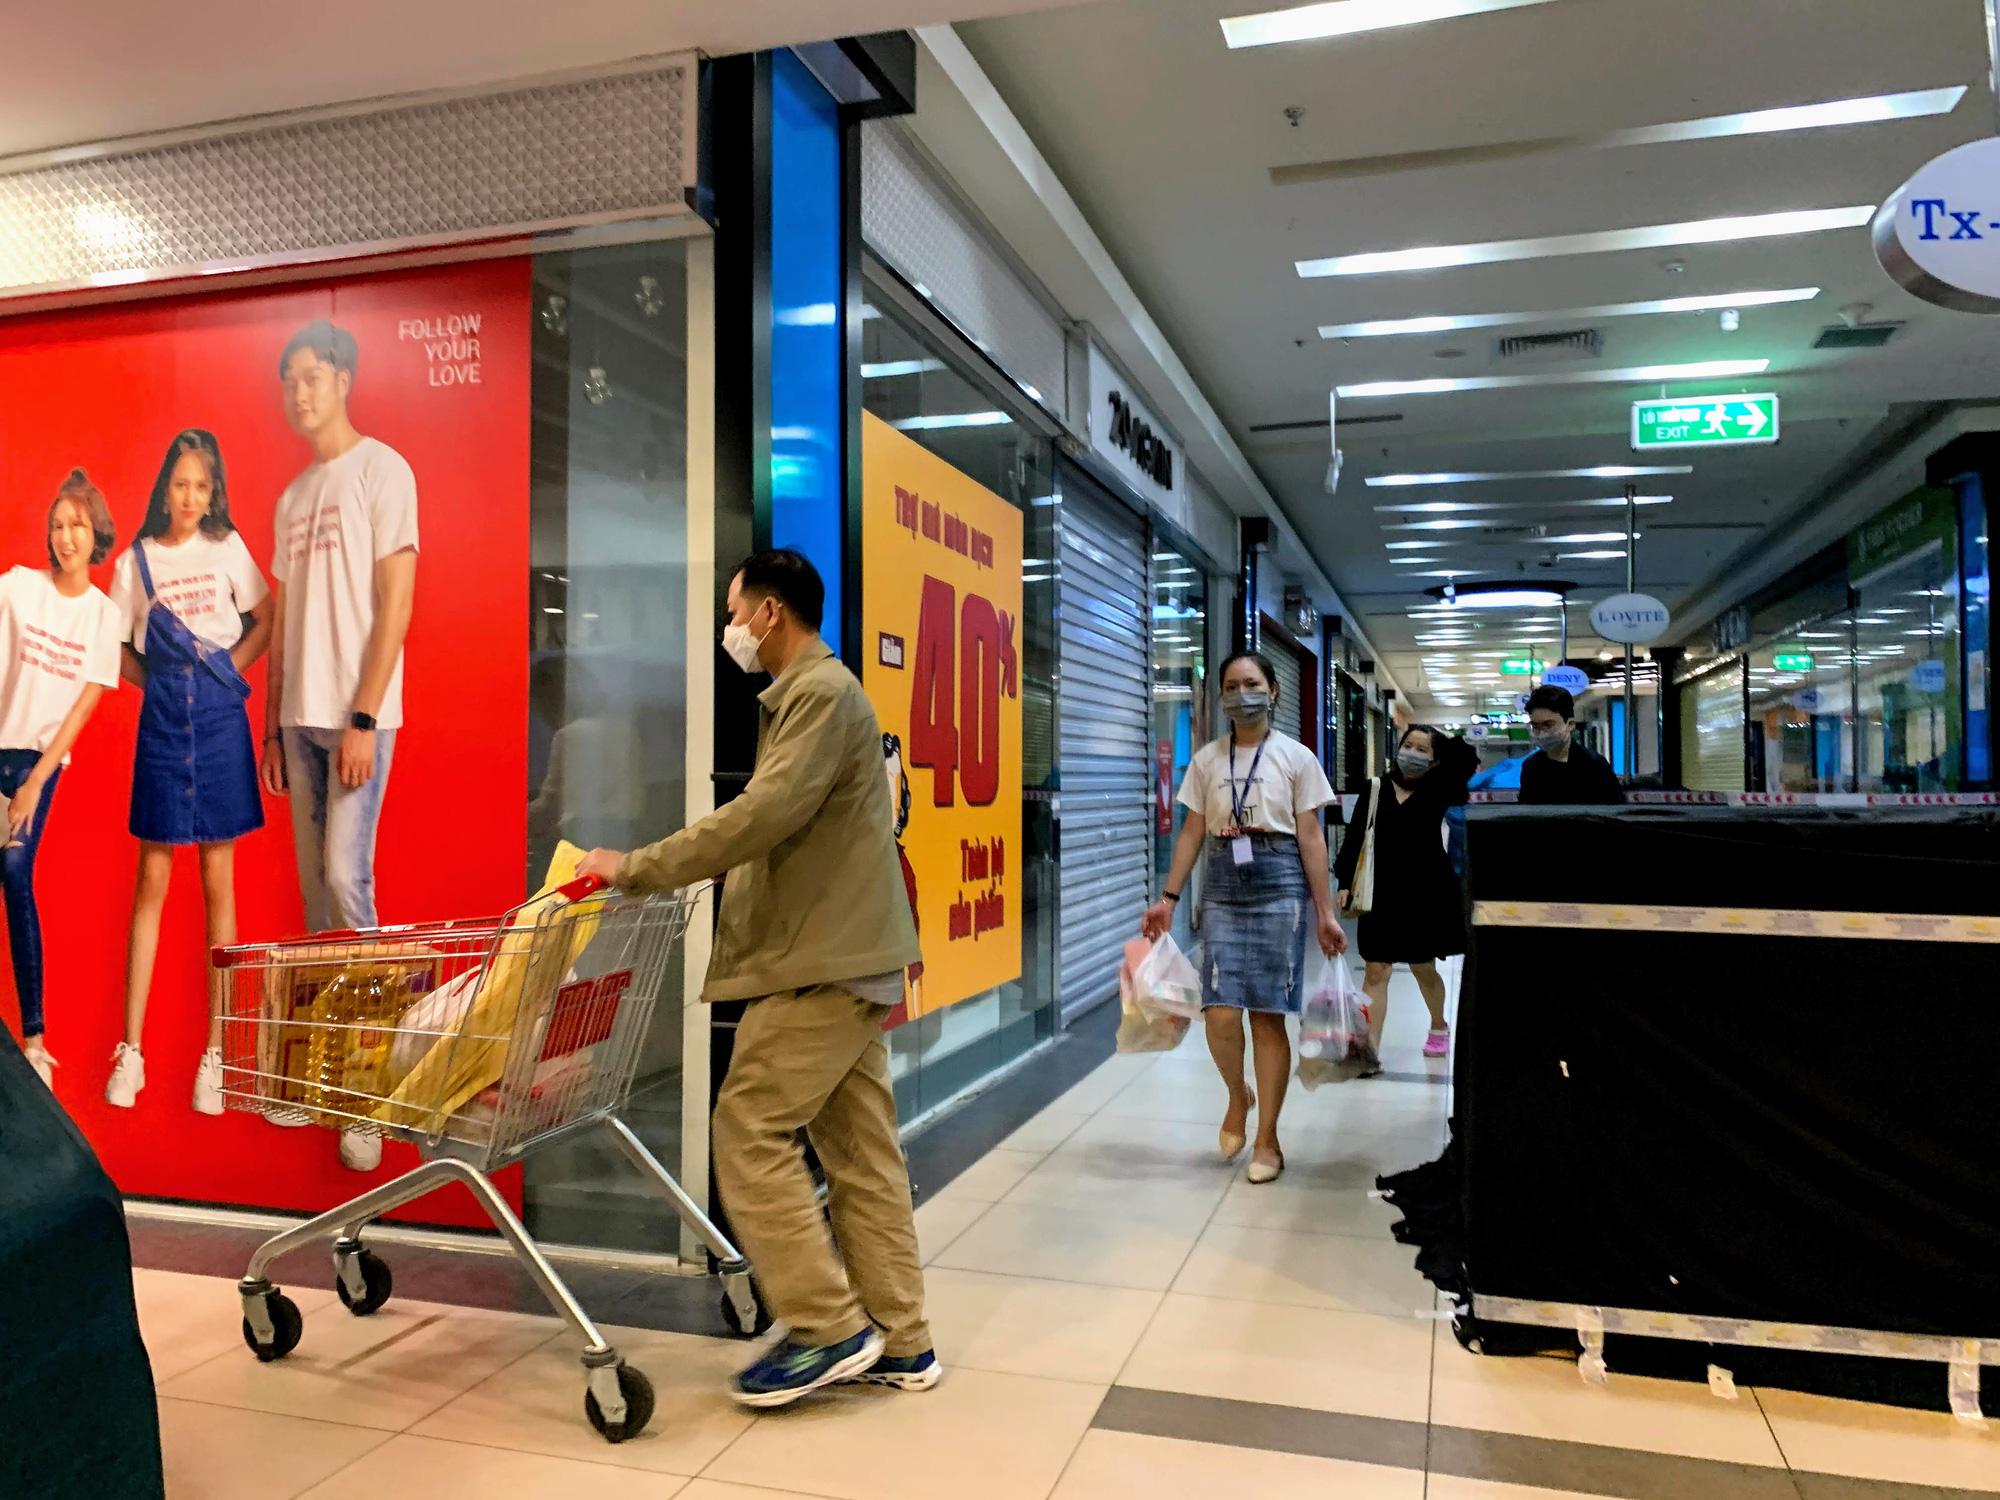 Cận cảnh ngày đầu chống dịch ở Hà Nội: Các cơ sở dịch vụ đóng cửa, siêu thị tiếp tục hoạt động, hàng hoá đầy ăm ắp vắng người mua - Ảnh 8.